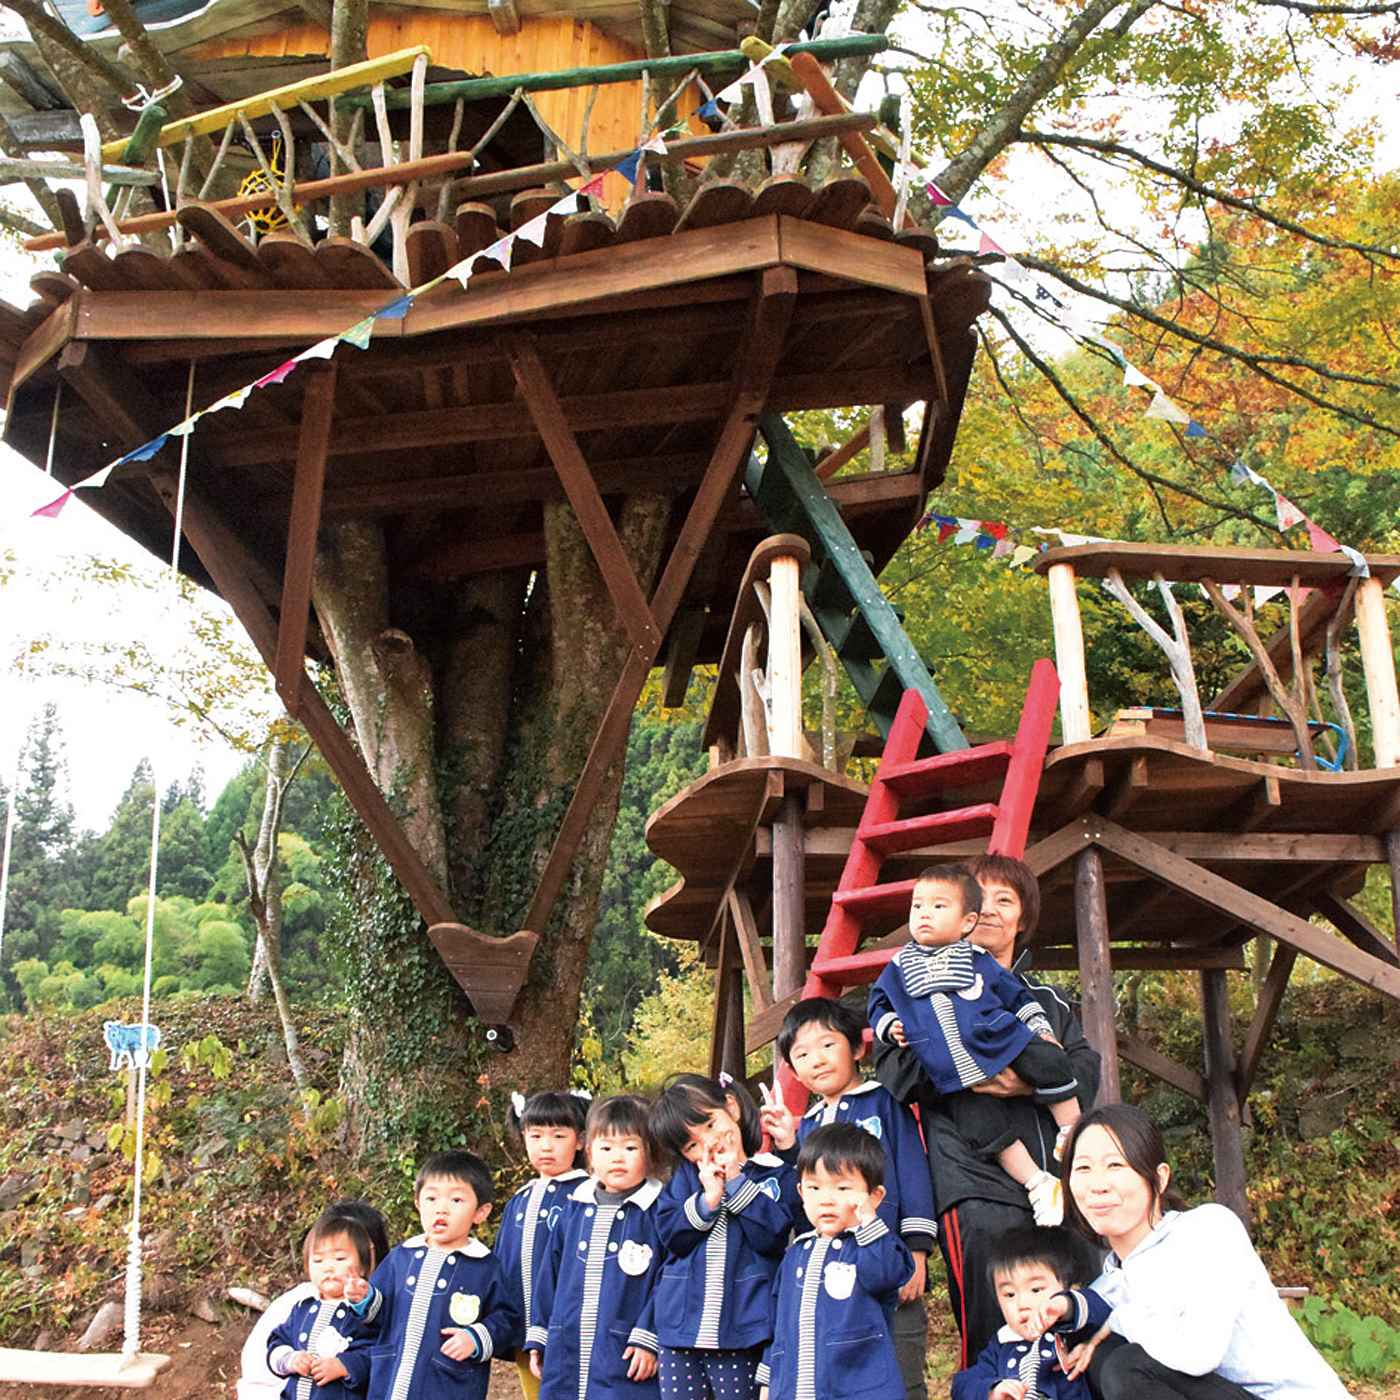 2015年秋に完成した気仙沼 廿一(にじゅういち)地区のツリーハウス。その名も「メリー」!!このツリーハウスの一番上の階にはなんと船がのっています。雲の上を進む船をイメージしたのだとか。子どもたちの想像力がぐんぐん広がりそうです。